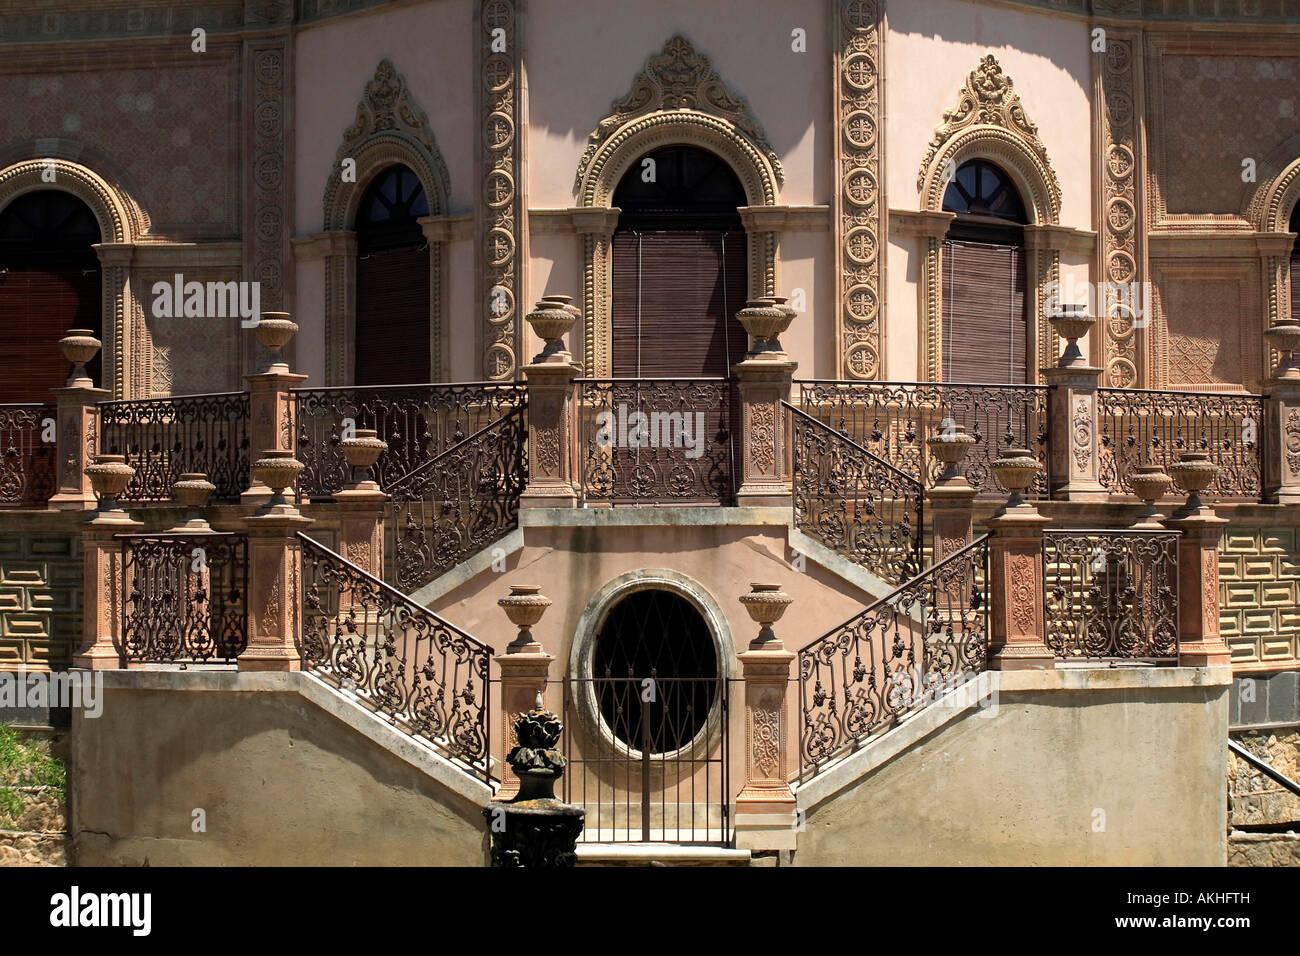 La villa du dix-neuvième siècle, à Caltagirone, en Sicile, Italie Photo Stock